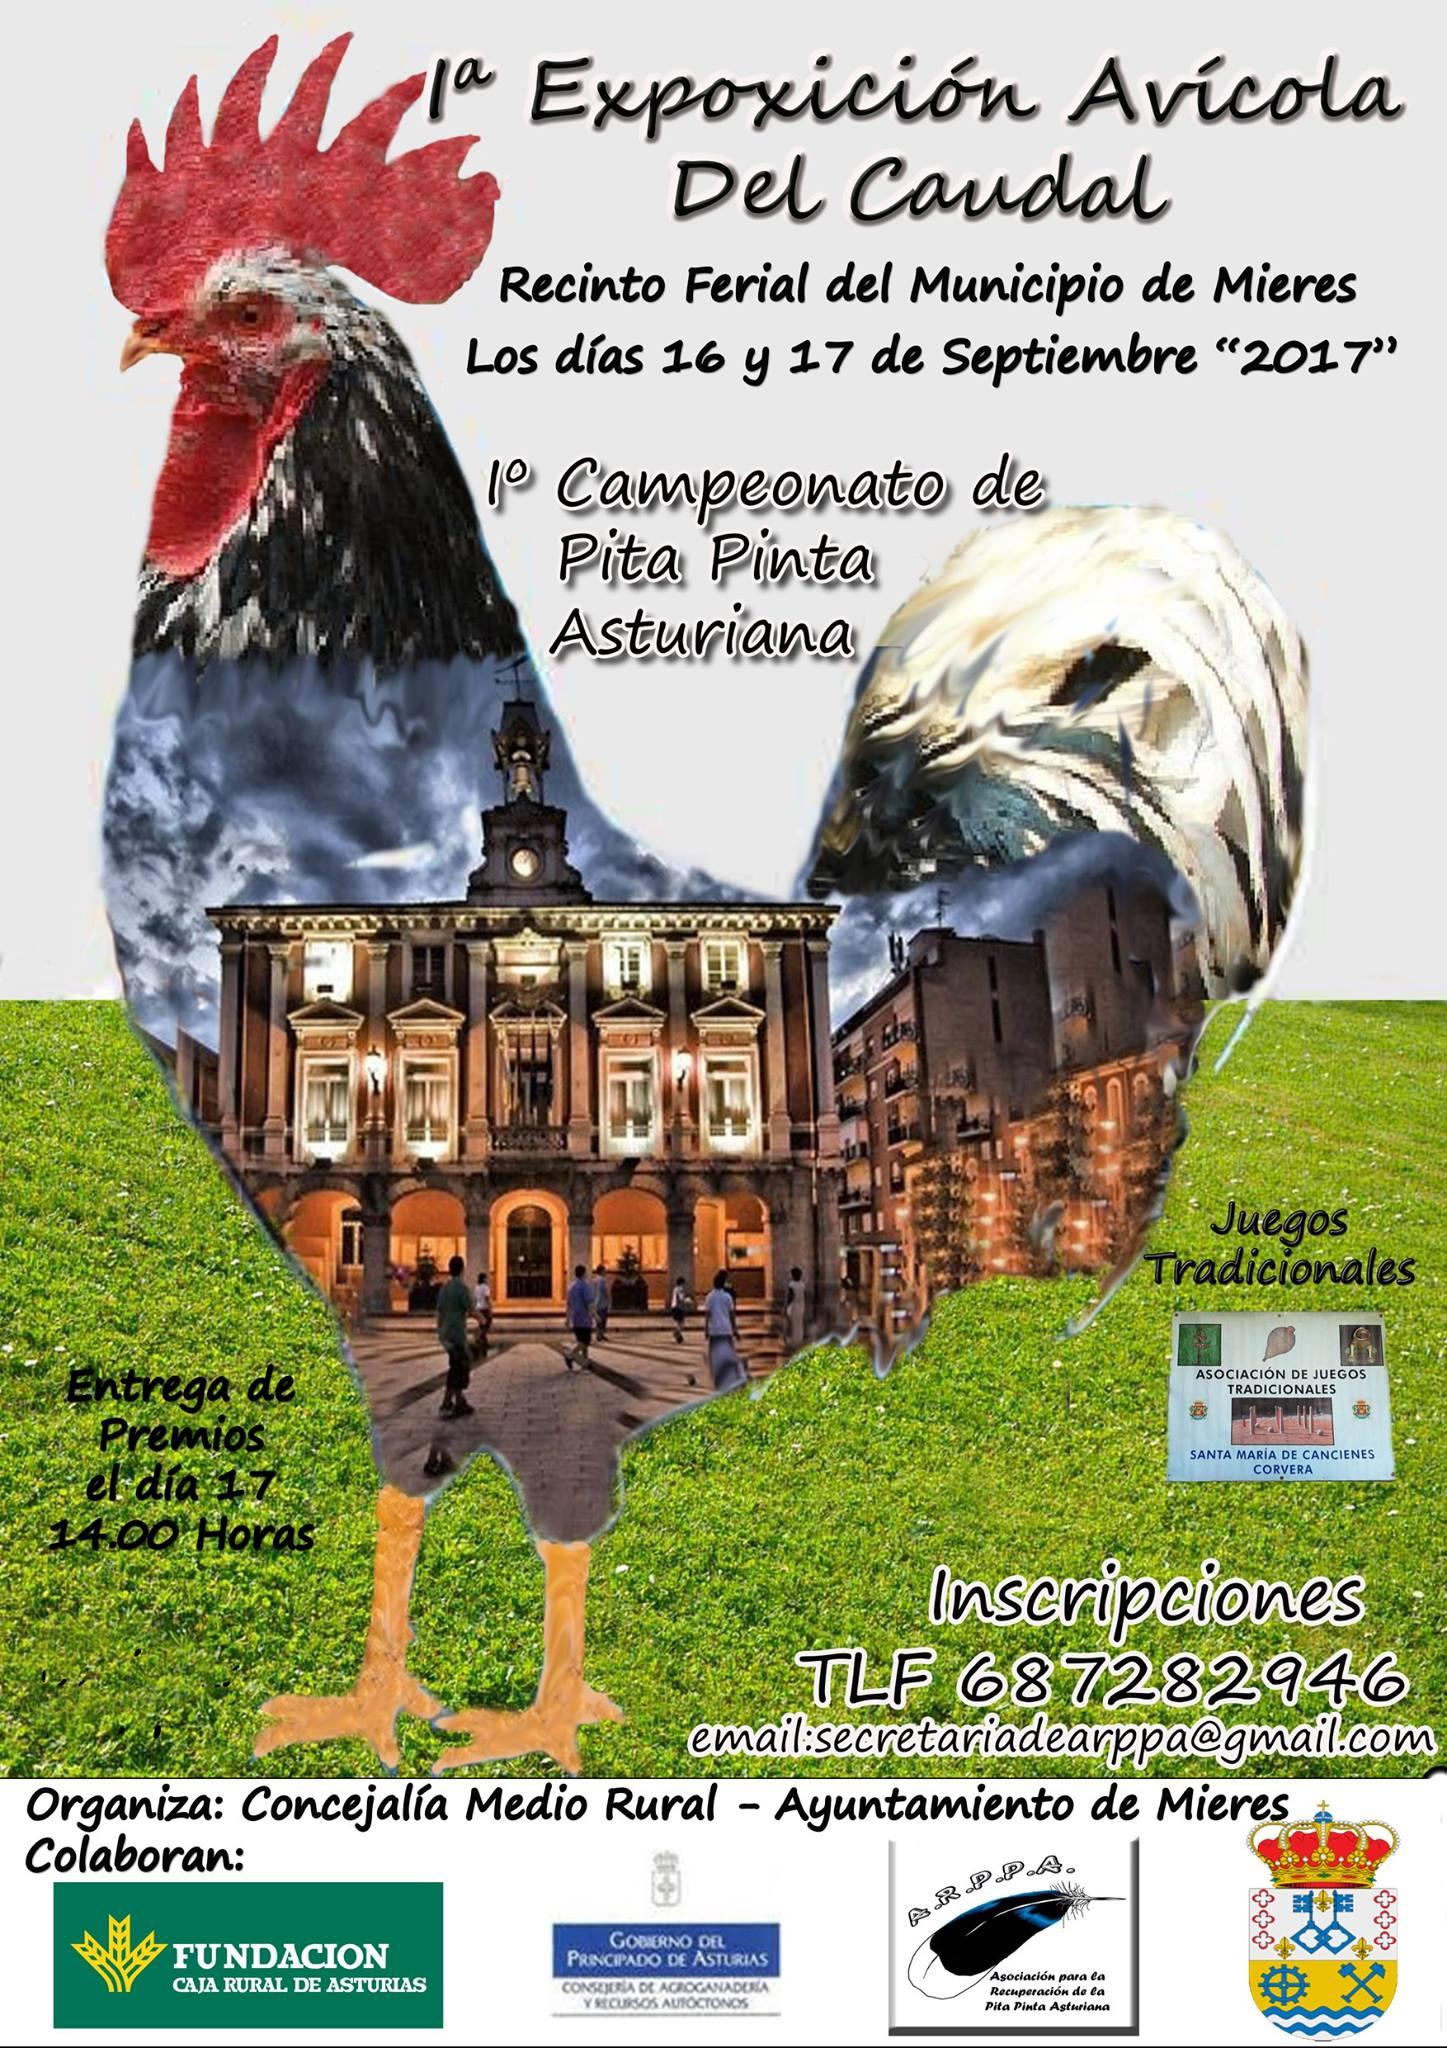 Cartel exposicion avicola del Caudal 2017